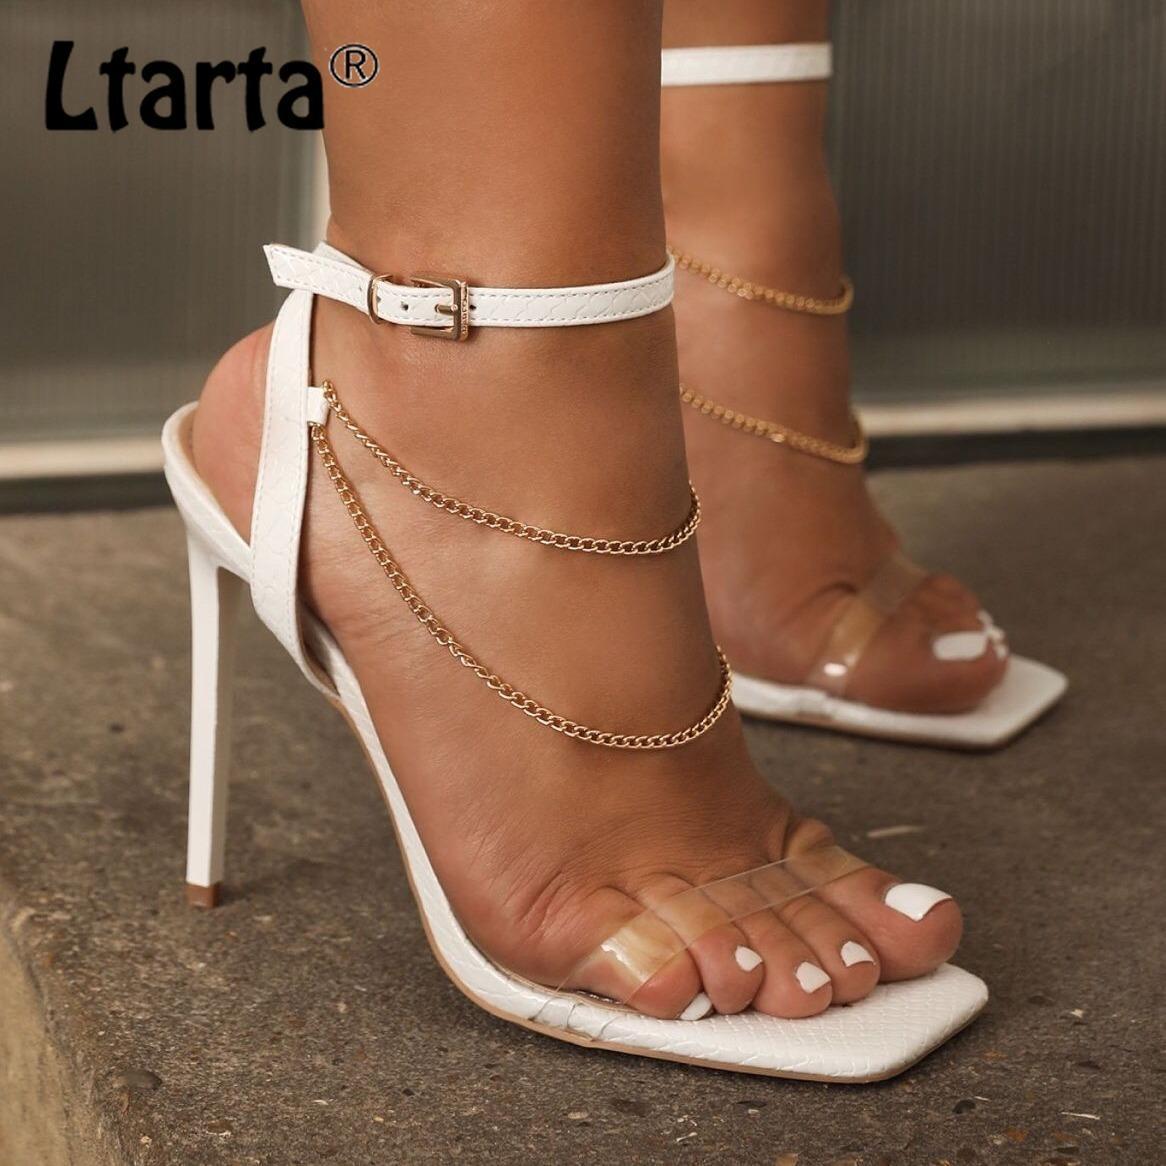 Ltarta verano moda Sandalias Sandalias Stiletto Metal Cadena Abre Toe Toe Strap Hebilla Sandalias para Mujeres CWF-MN639-11 210429